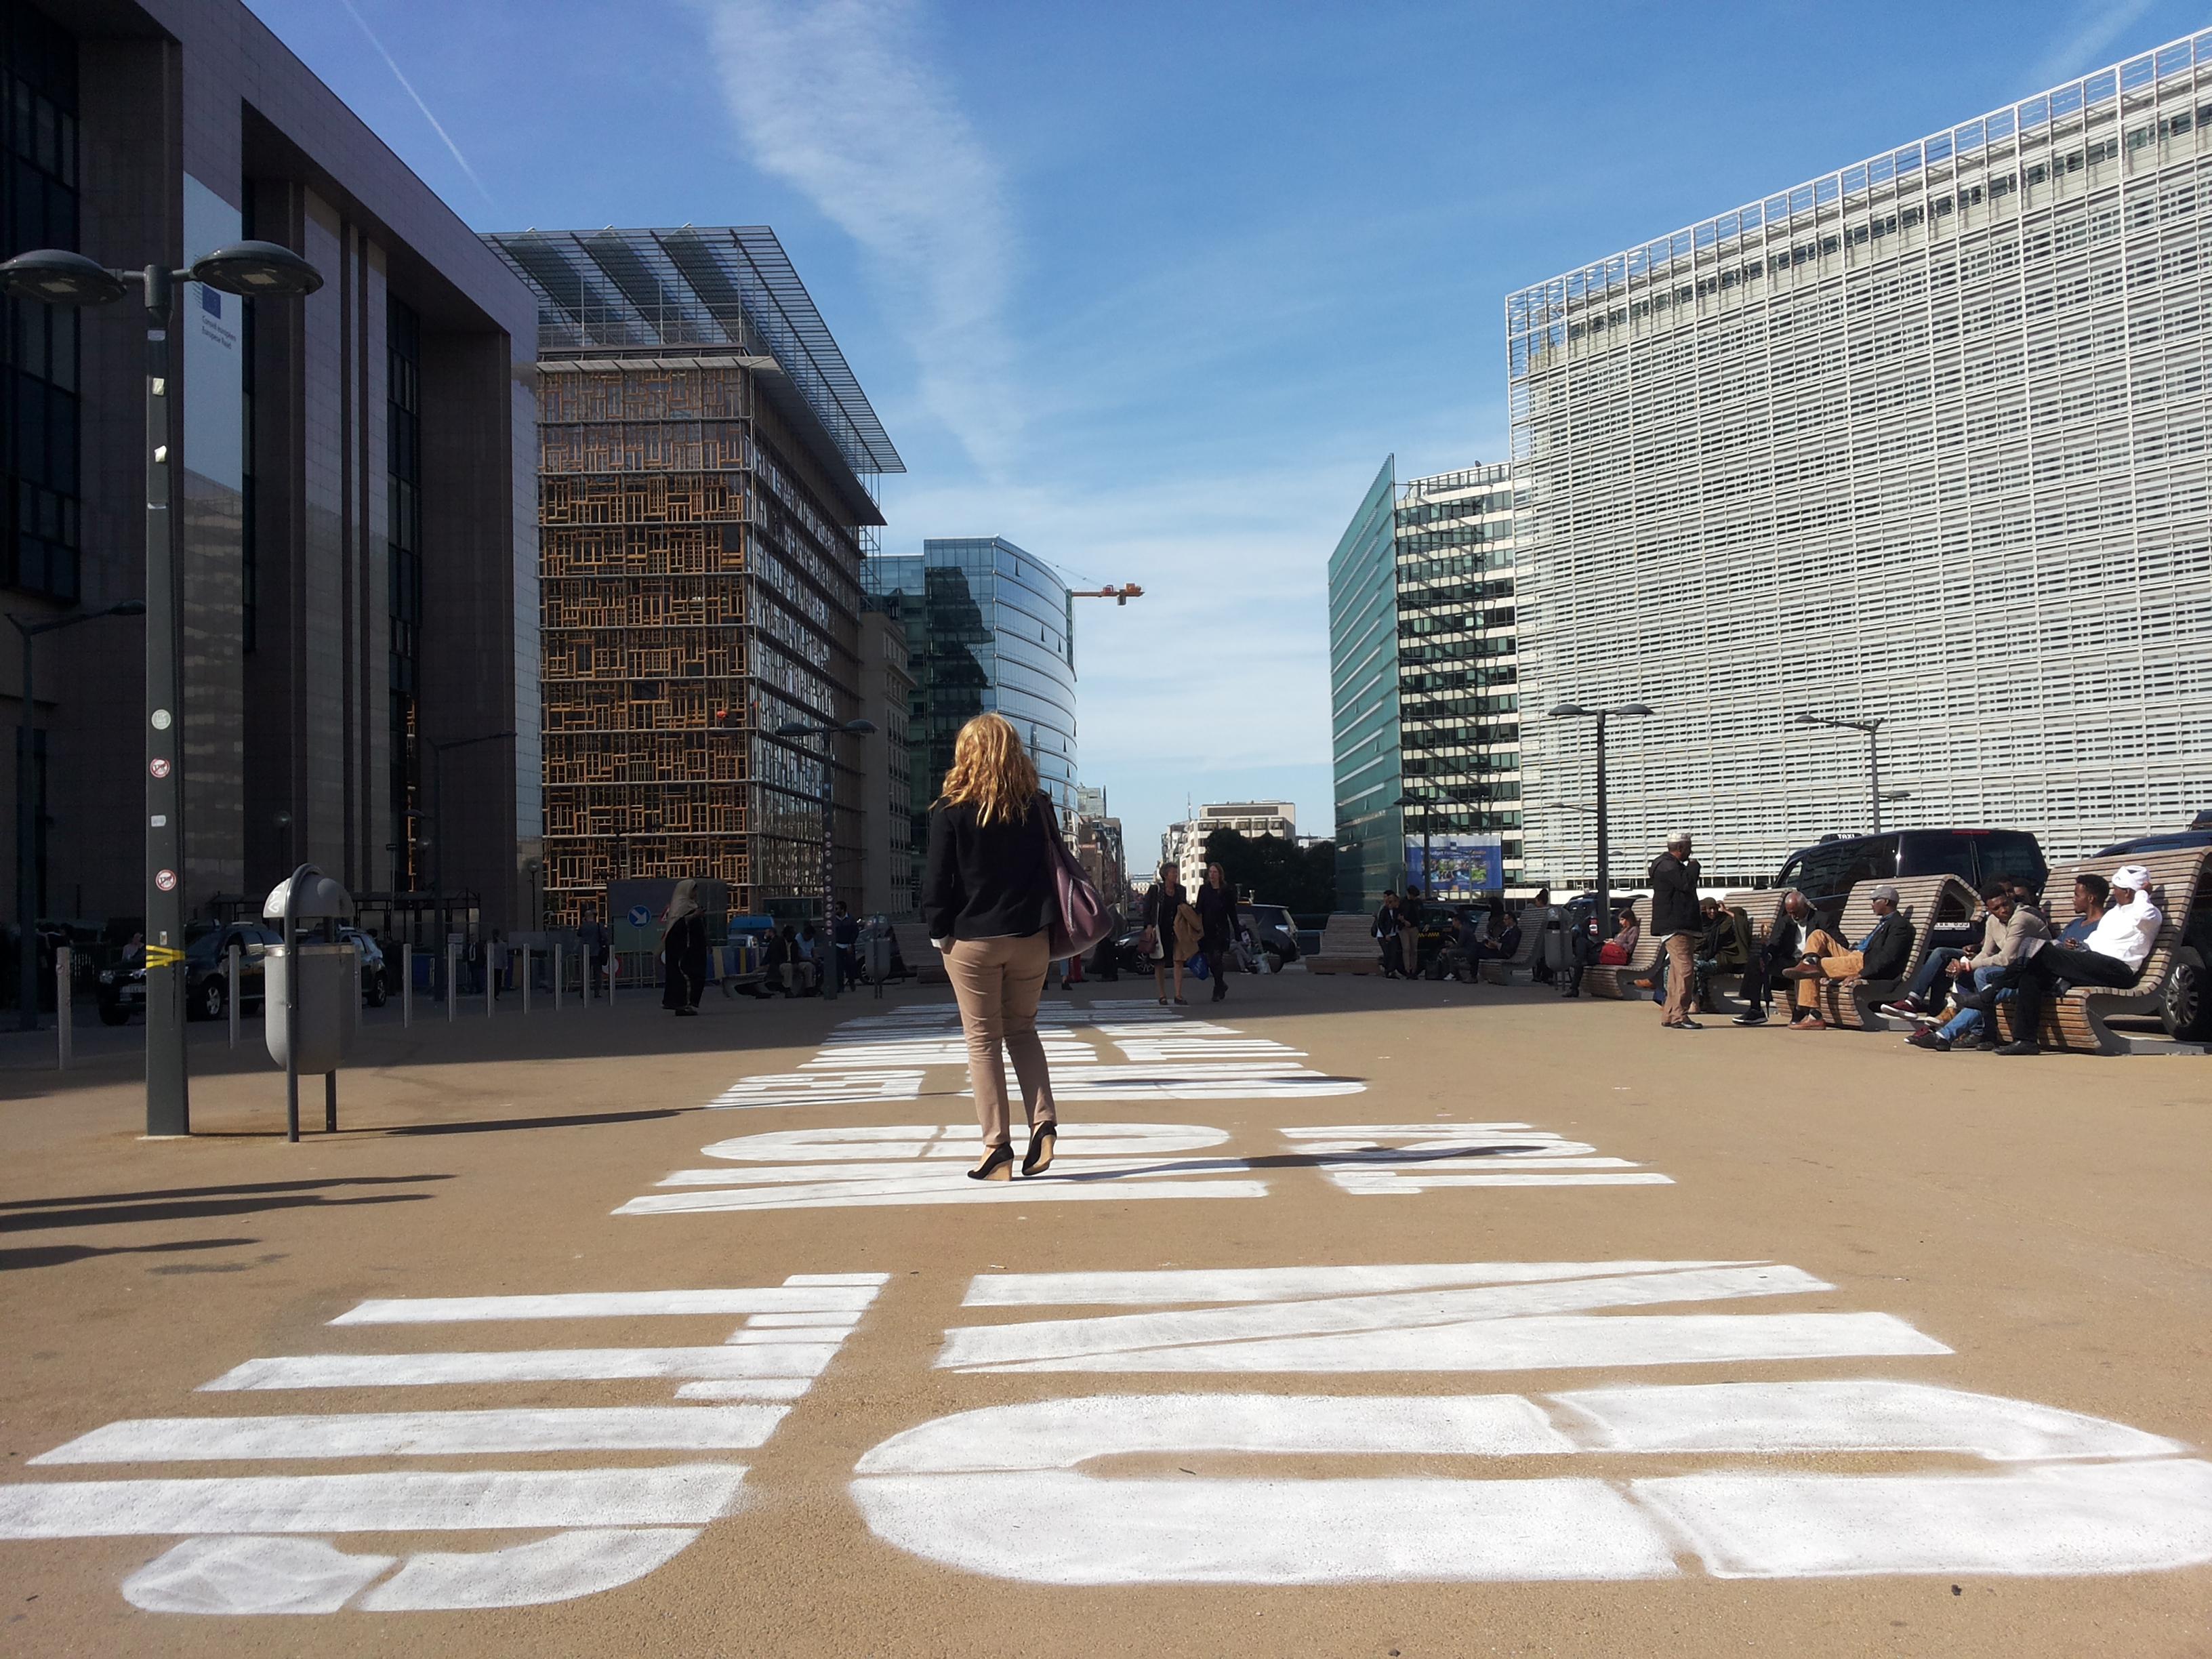 Während der letzten Aktionswoche in Brüssel gegen TTIP, CETA und TiSA wurde der Platz zwischen Rat und Kommission bemalt.